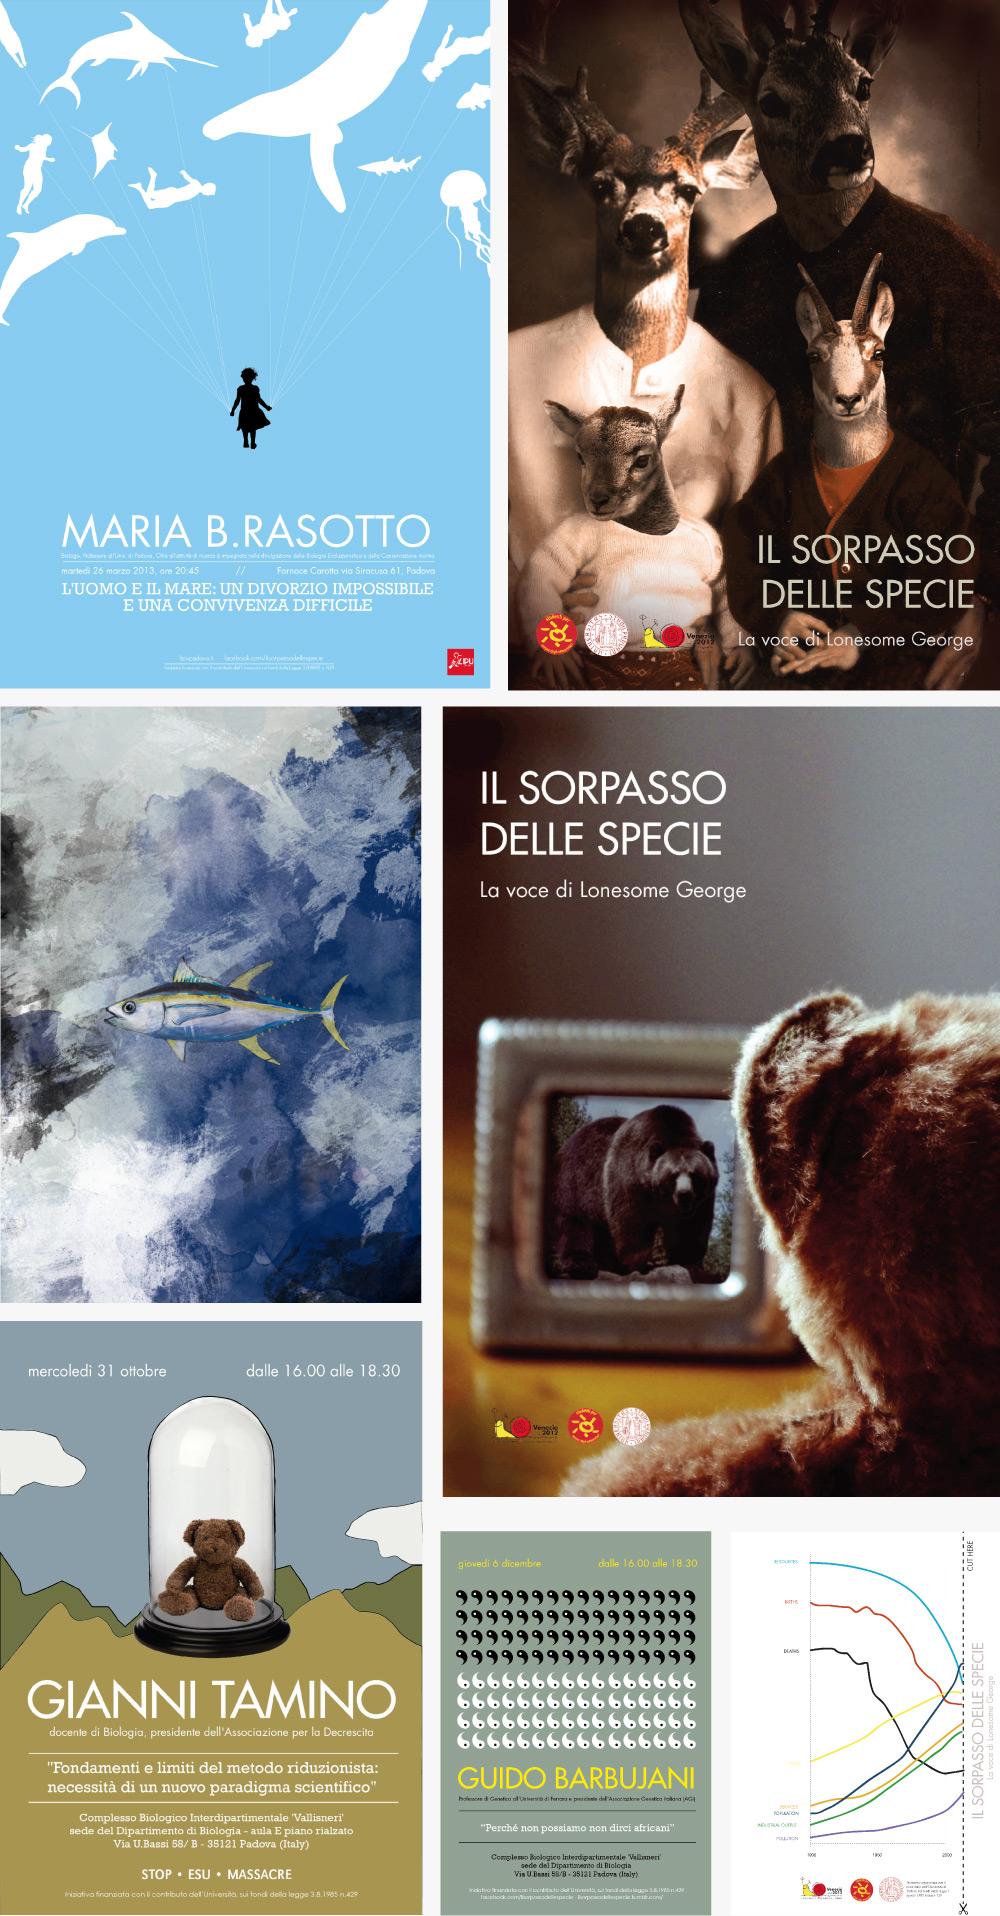 holic_immagine_coordinata_il_sorpasso_delle_specie